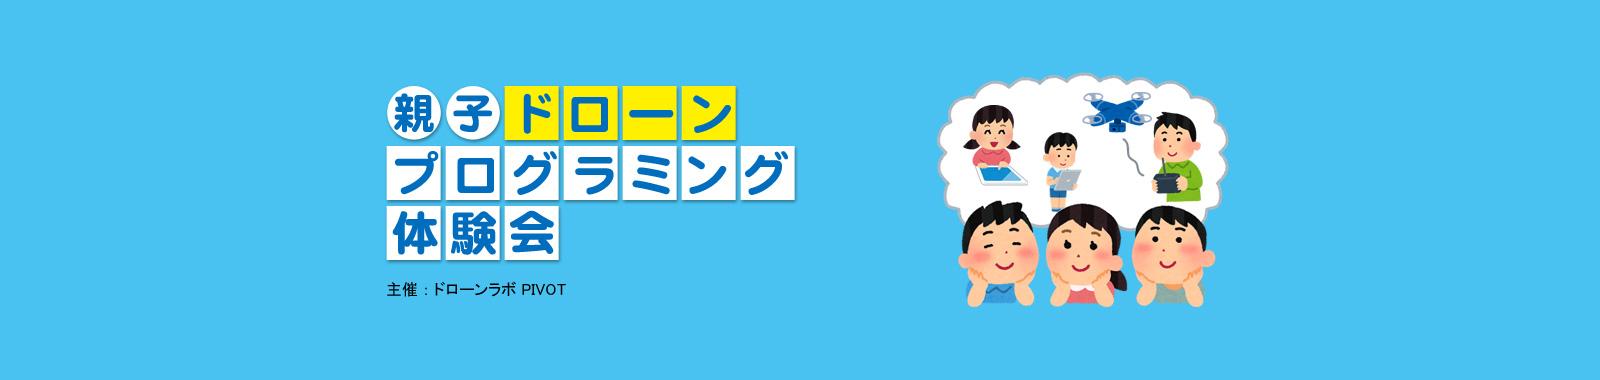 7/22(日) 親子で楽しく学ぼう!ミニドローン操縦 × プログラミング体験会